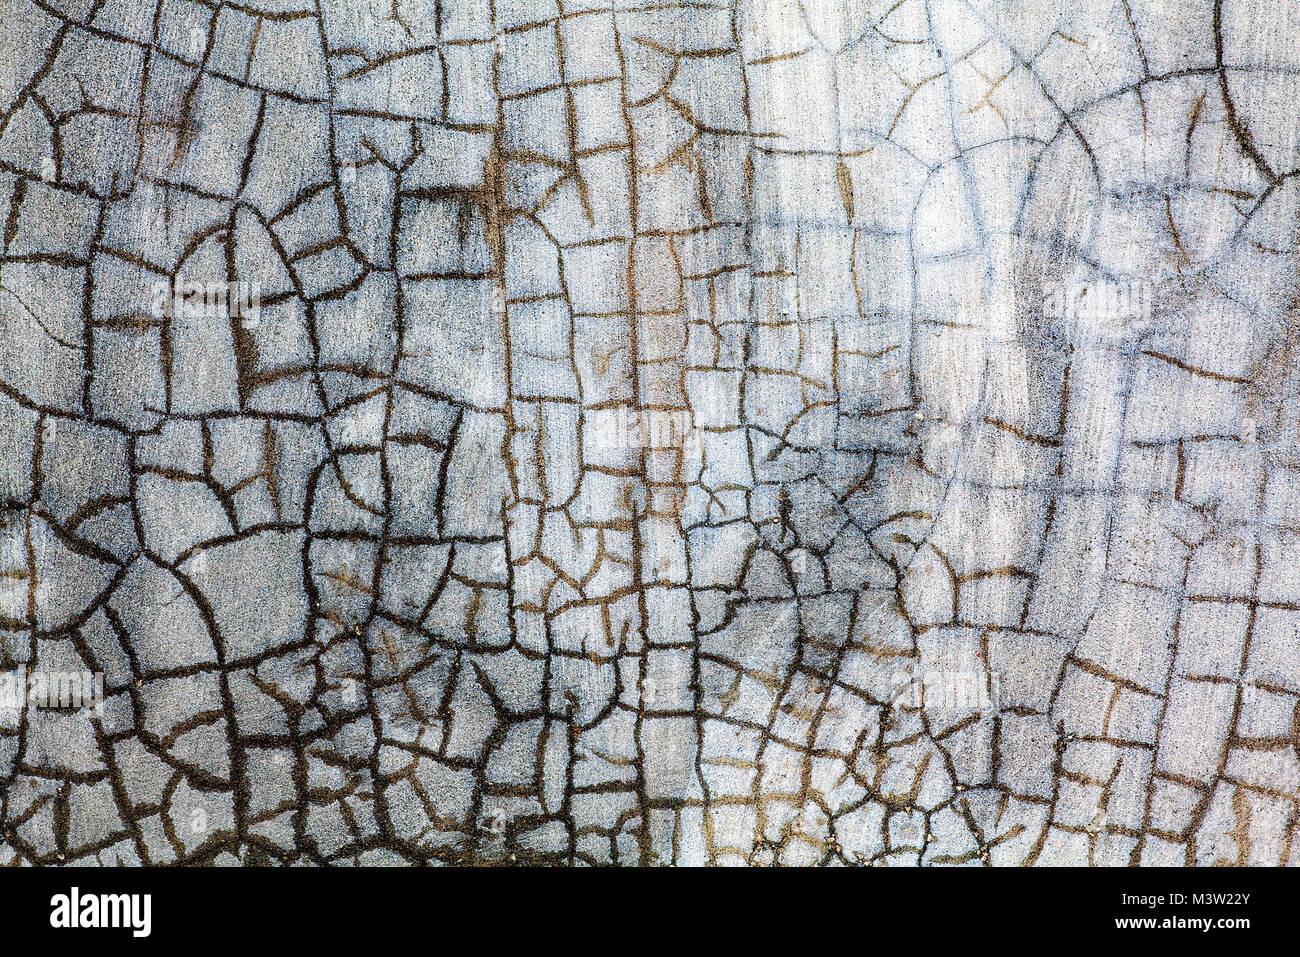 Blanc Craquelé La Peinture Sur Un Mur De Béton A Un Effet De